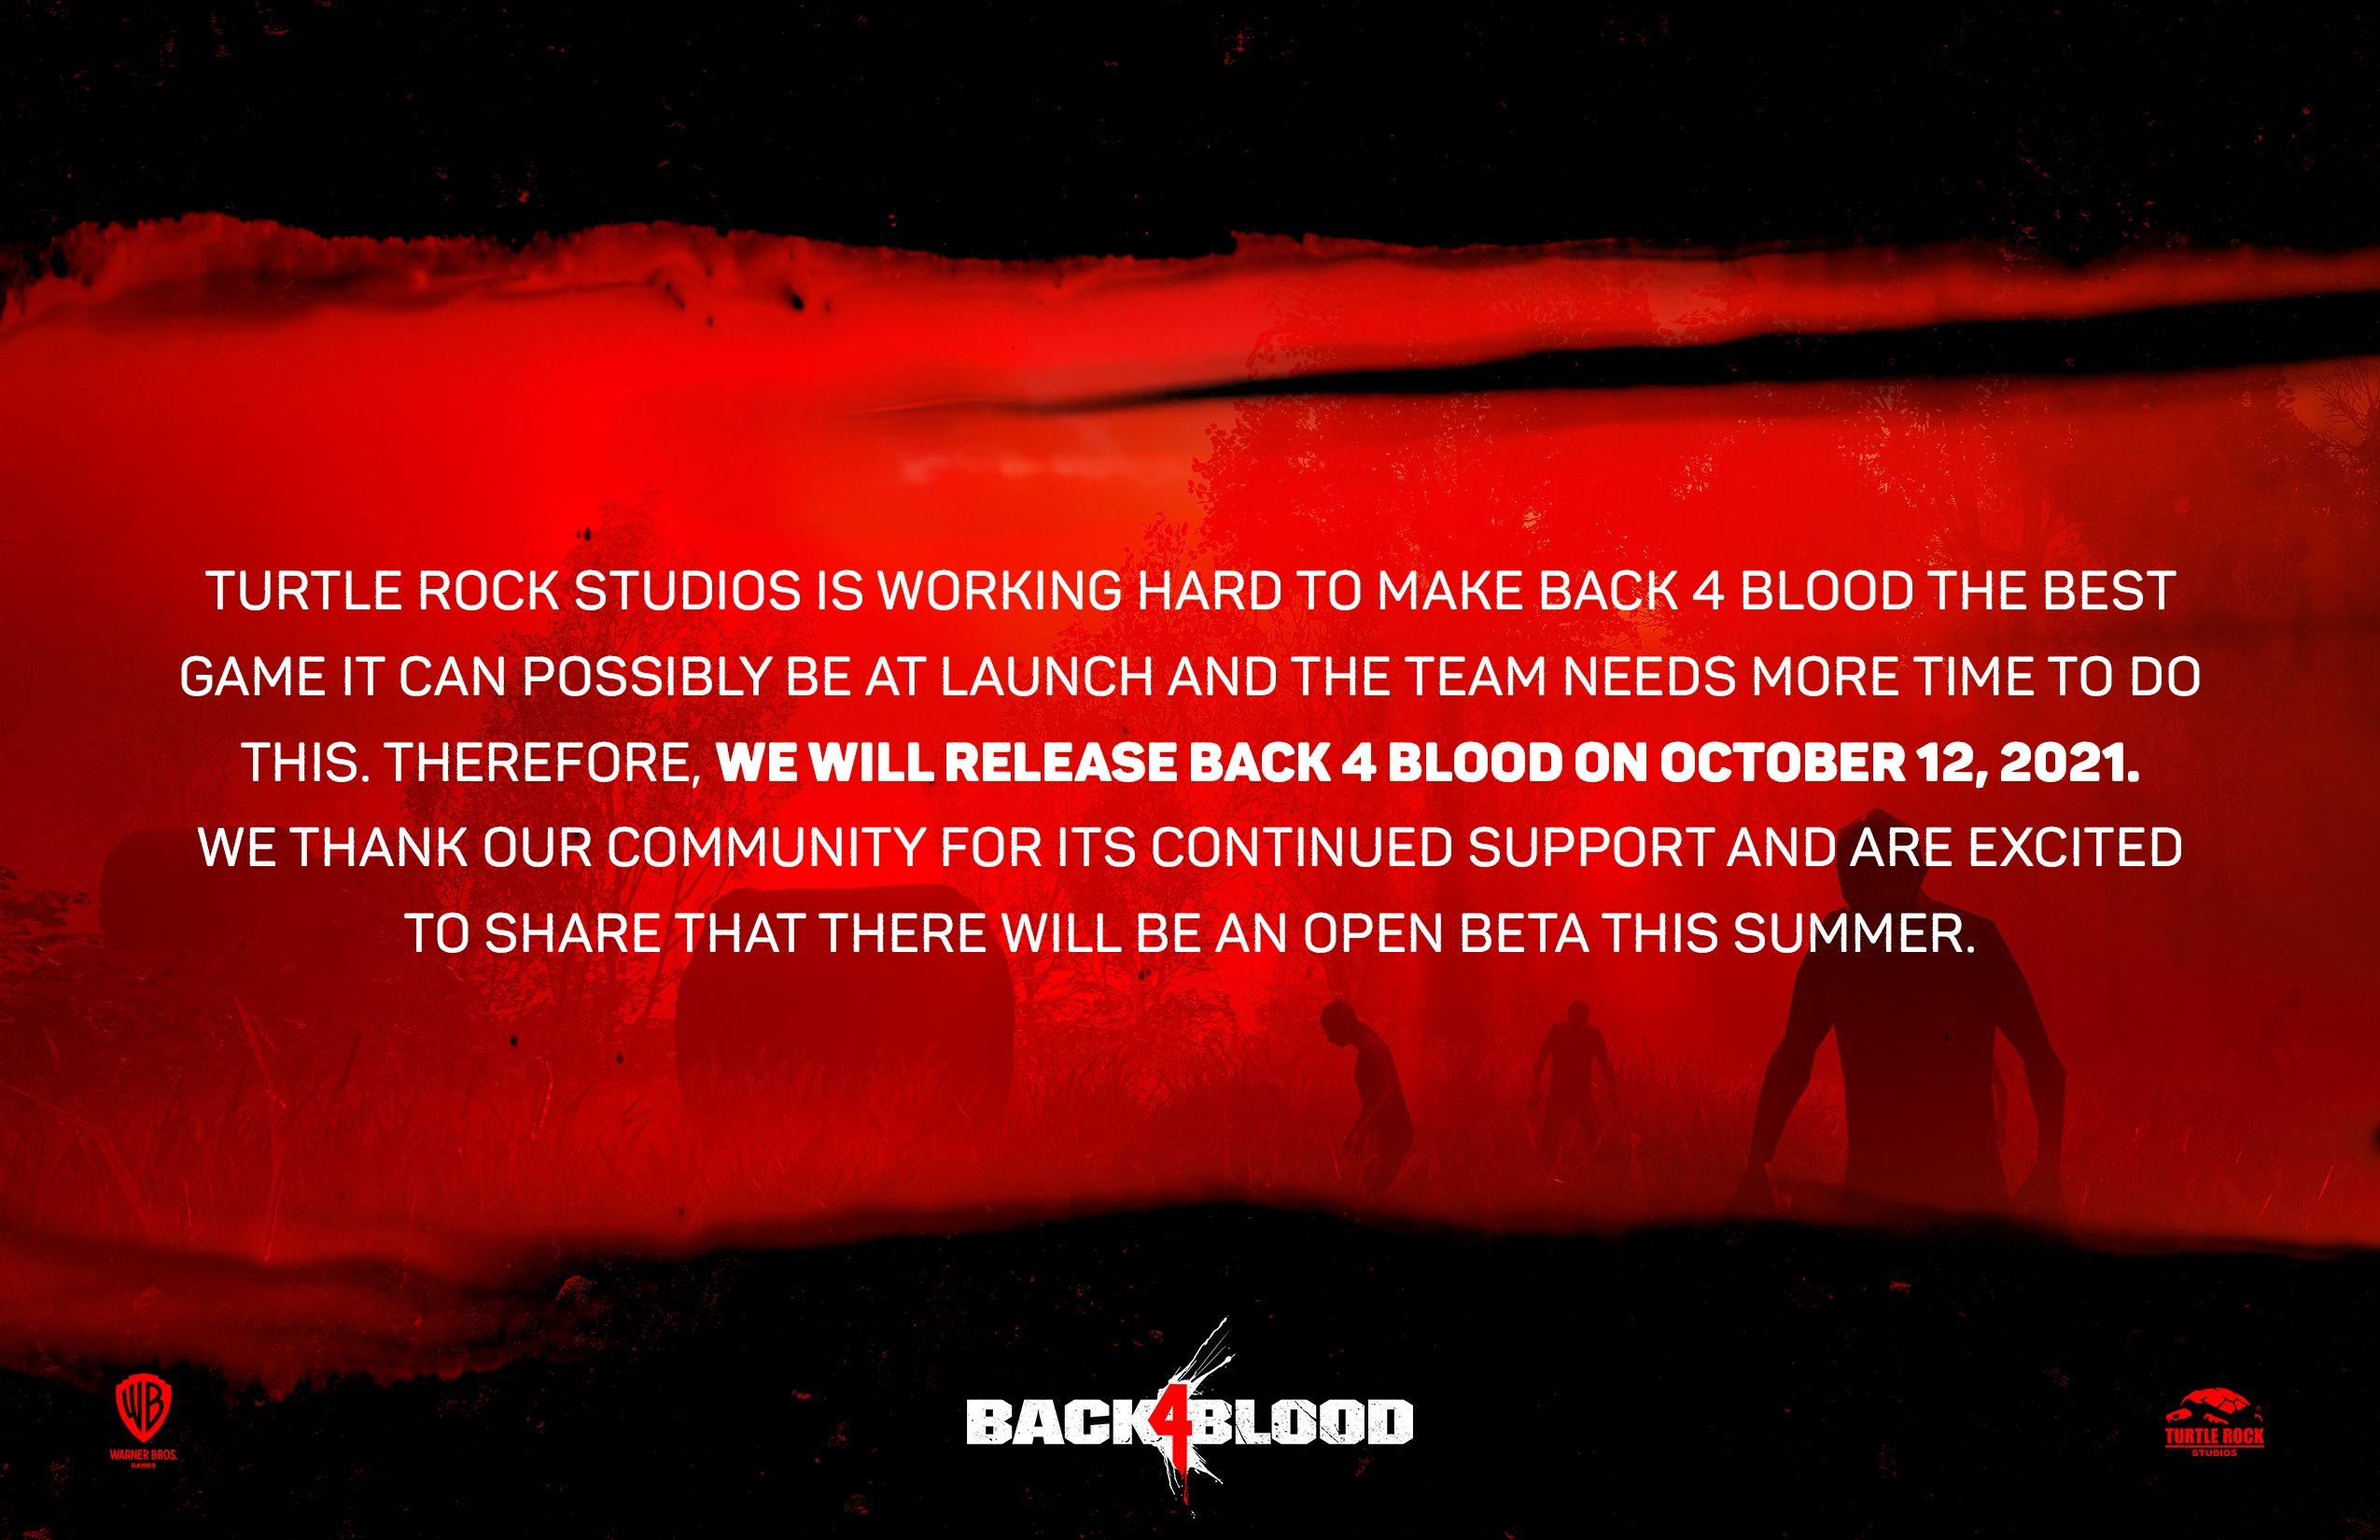 Back-4-blood-delayed